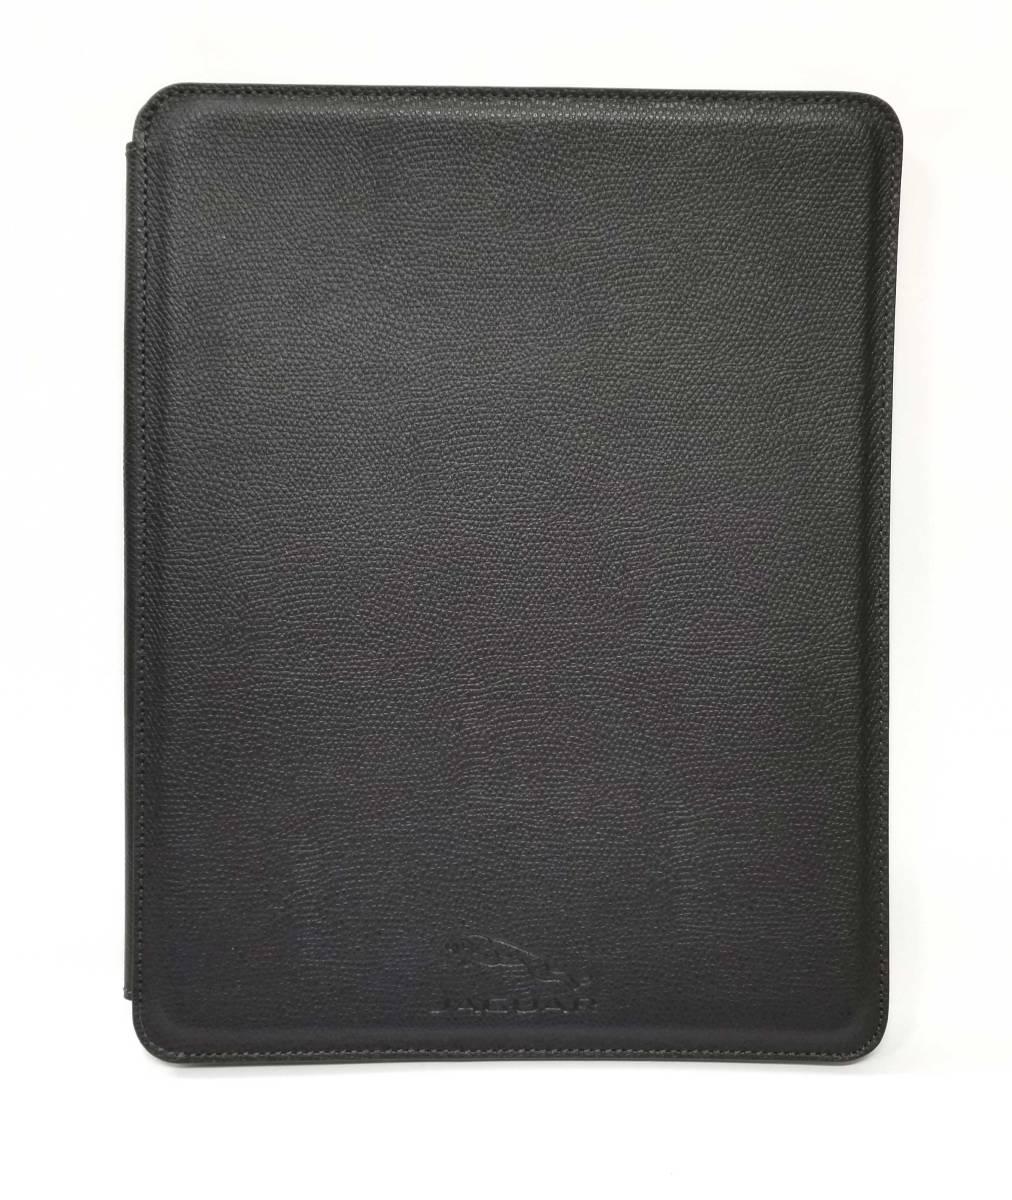 ジャガー アイパッドケース iPad タブレットケース 黒 ブラック 型押し レザー JAGUAR 美品 【中古】